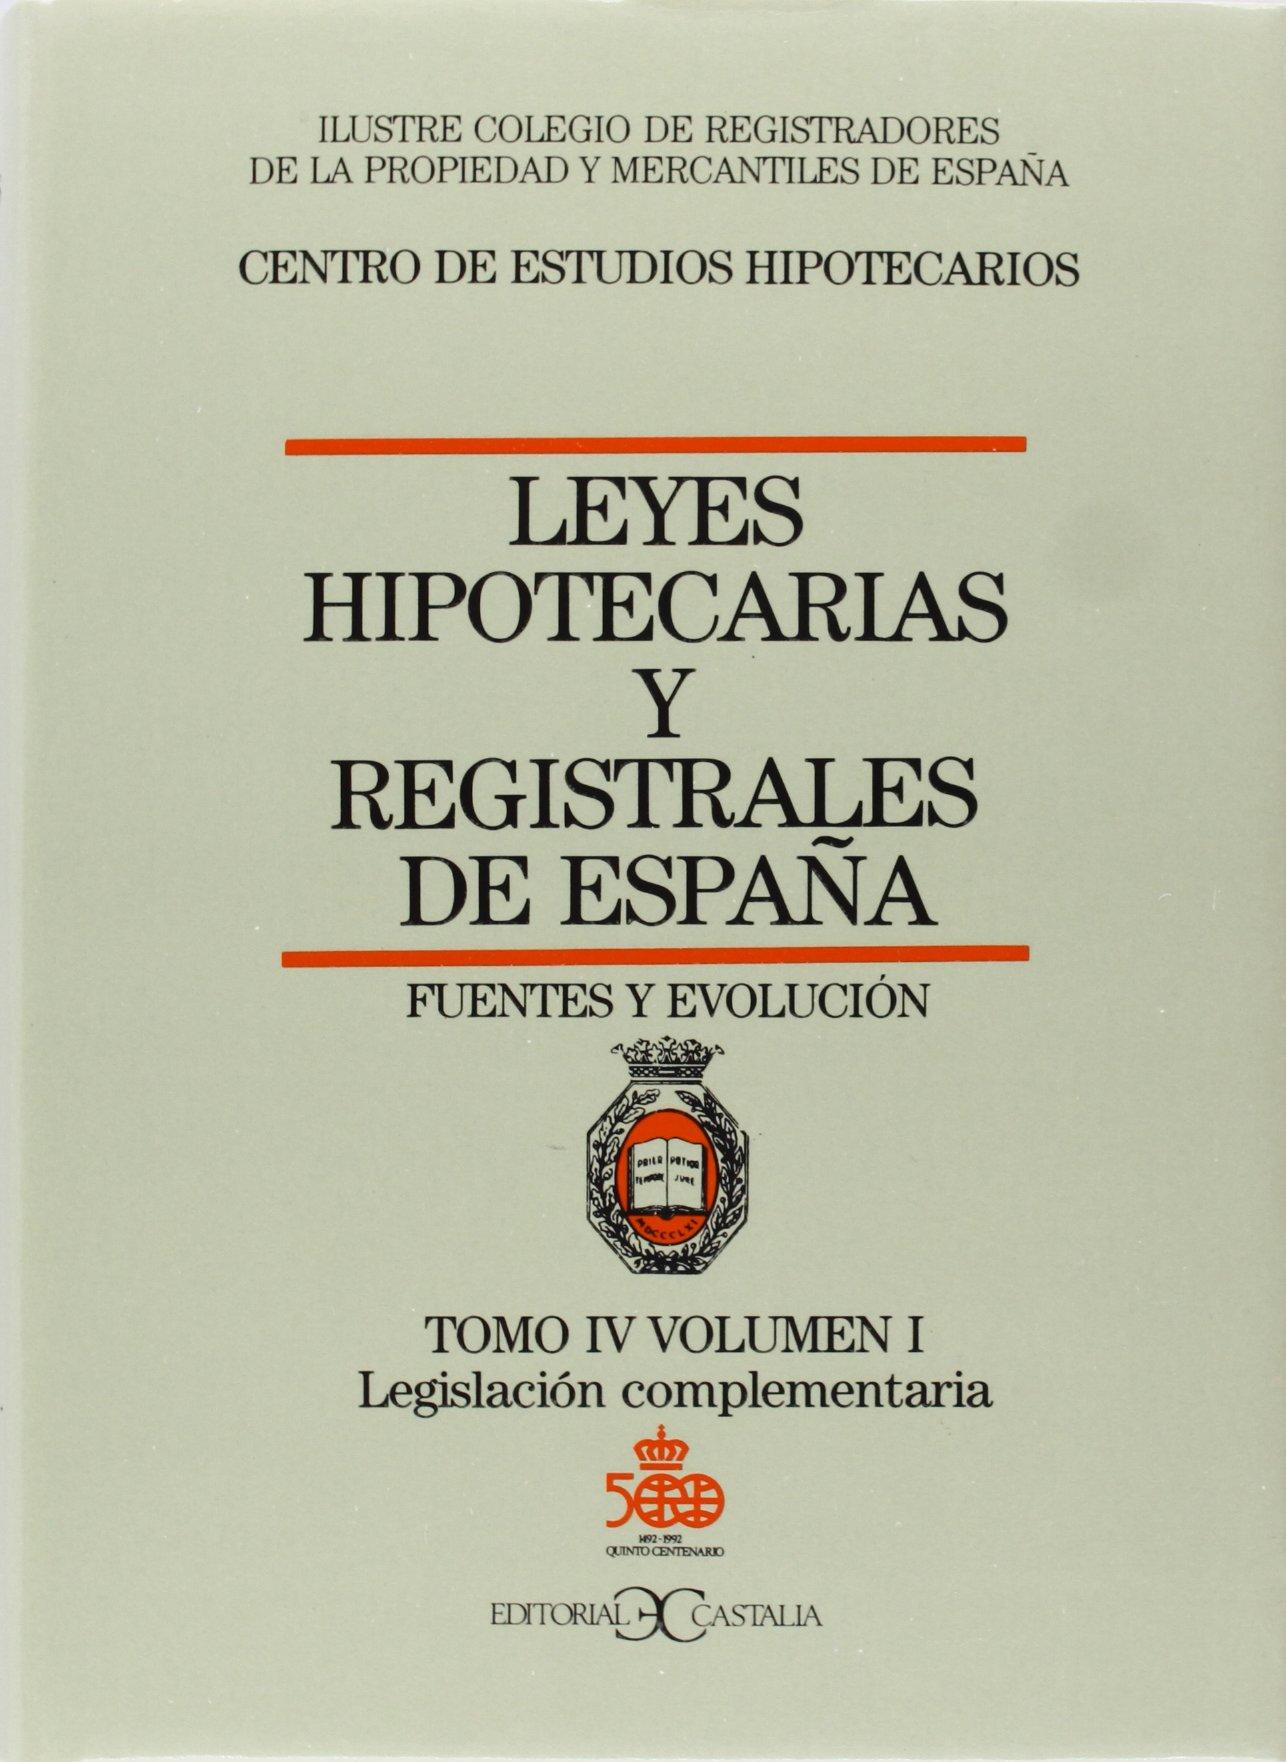 LEYES HIPOTECARIAS 4/1 CASTALIA: Amazon.es: AA.VV.: Libros